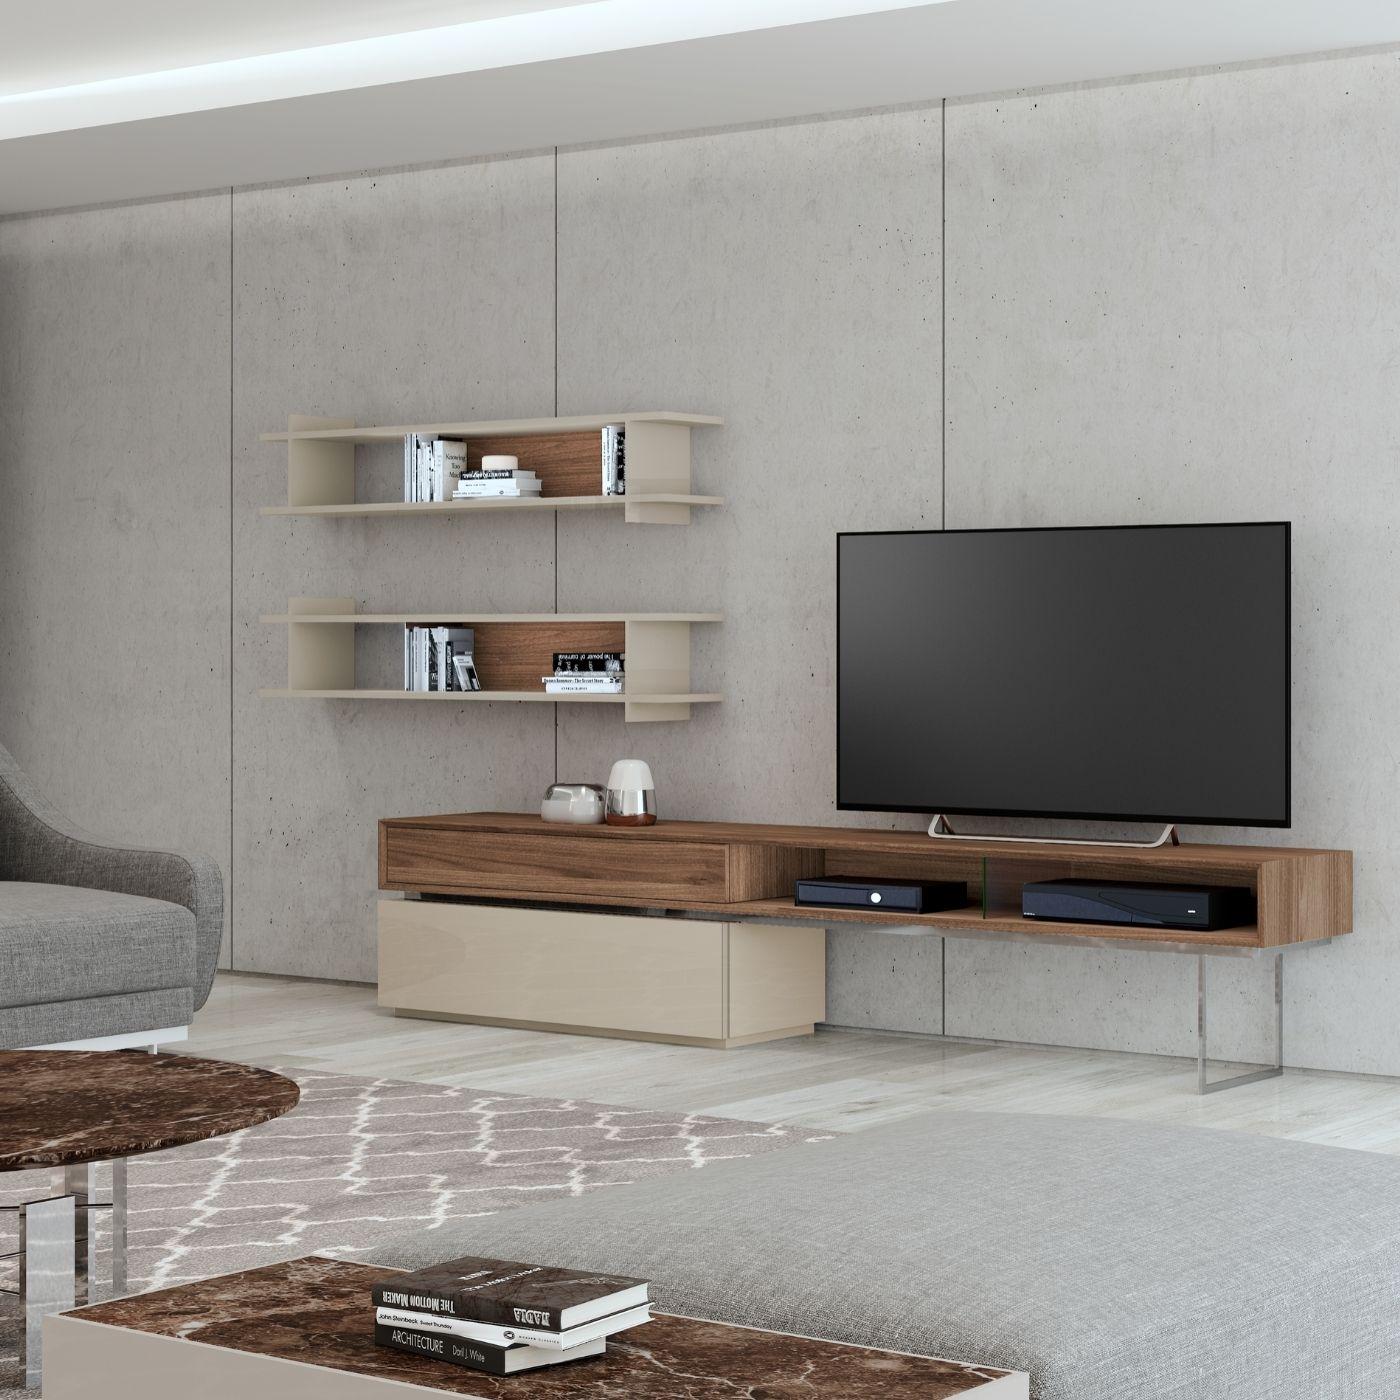 Móvel TV pé de inox suspenso